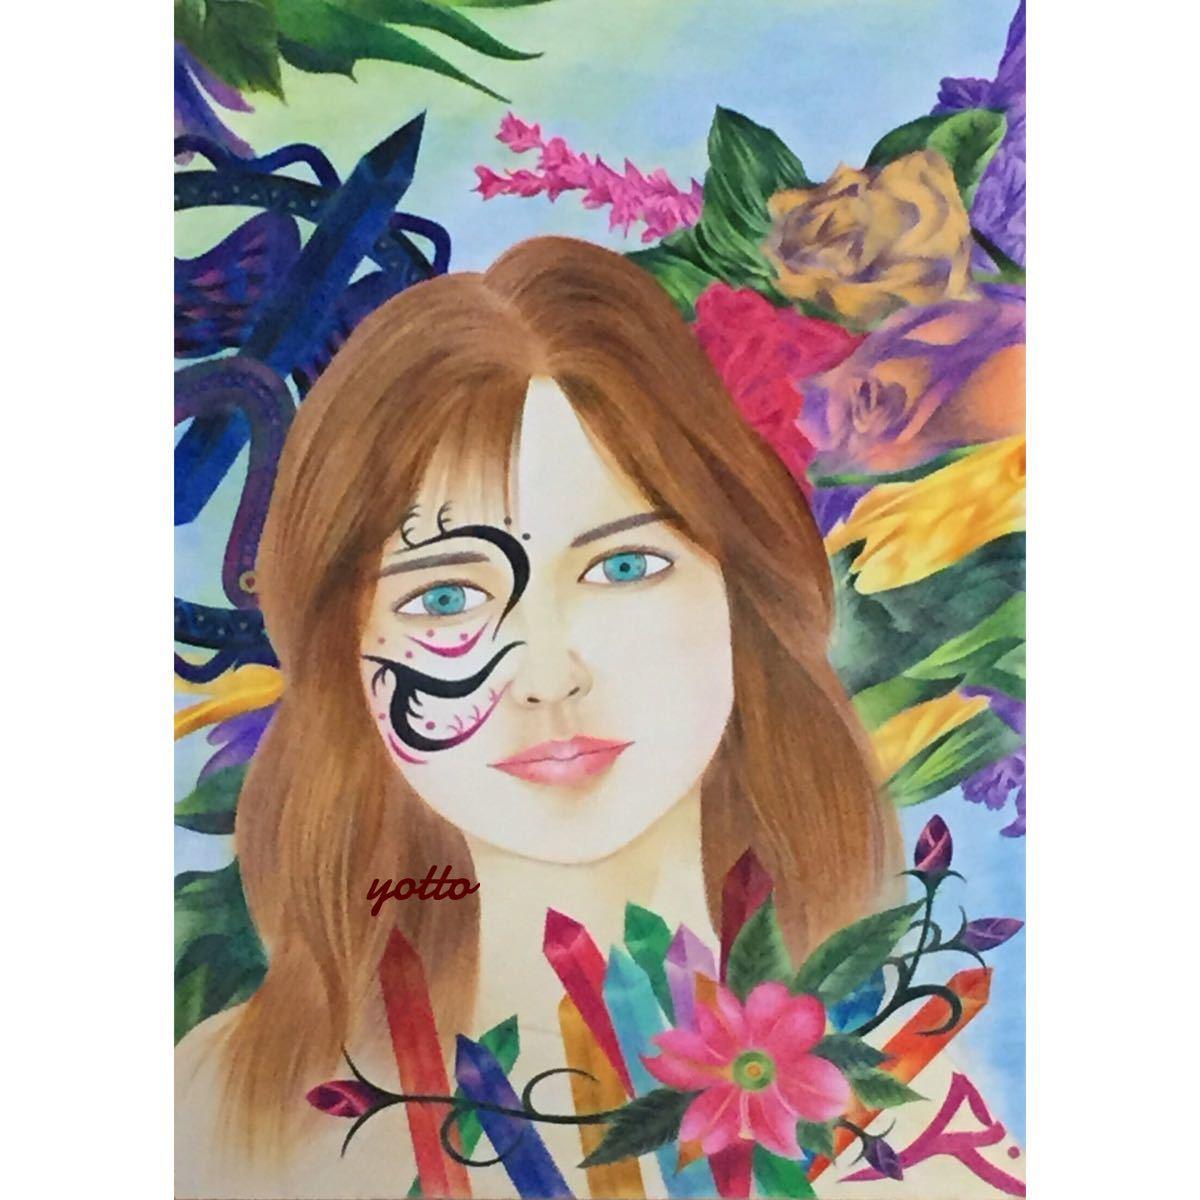 色鉛筆画「 precious 」B4・額付き◇◆手描き◇原画◆人物画◇◆yotto_画像1